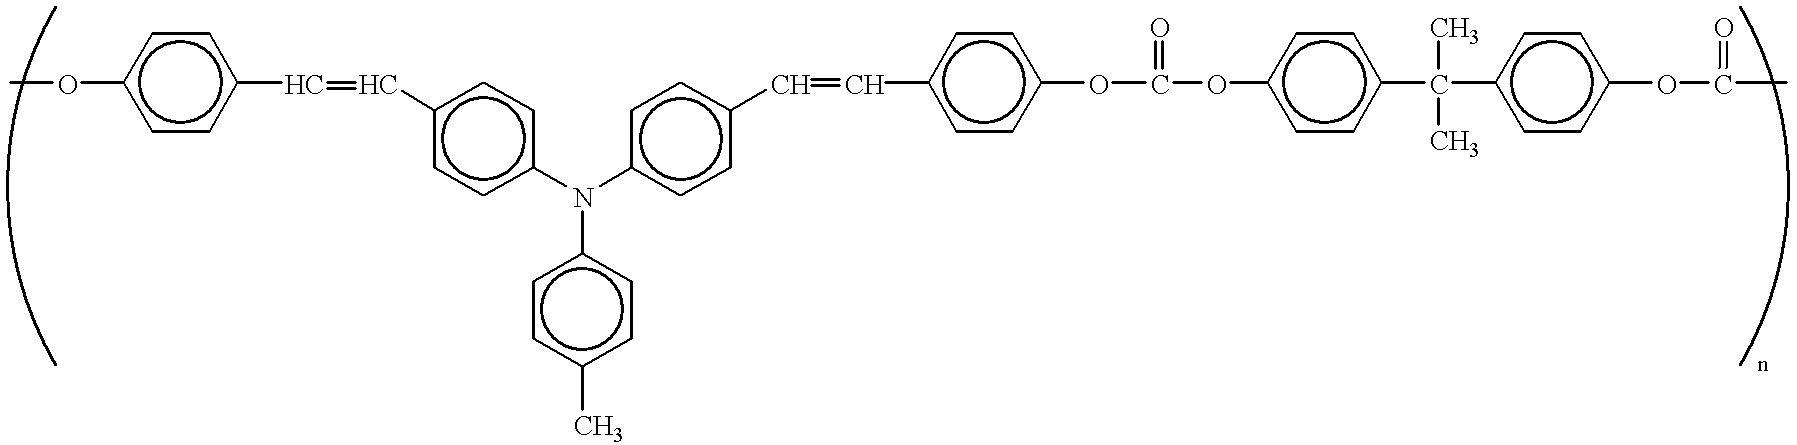 Figure US06558863-20030506-C00069